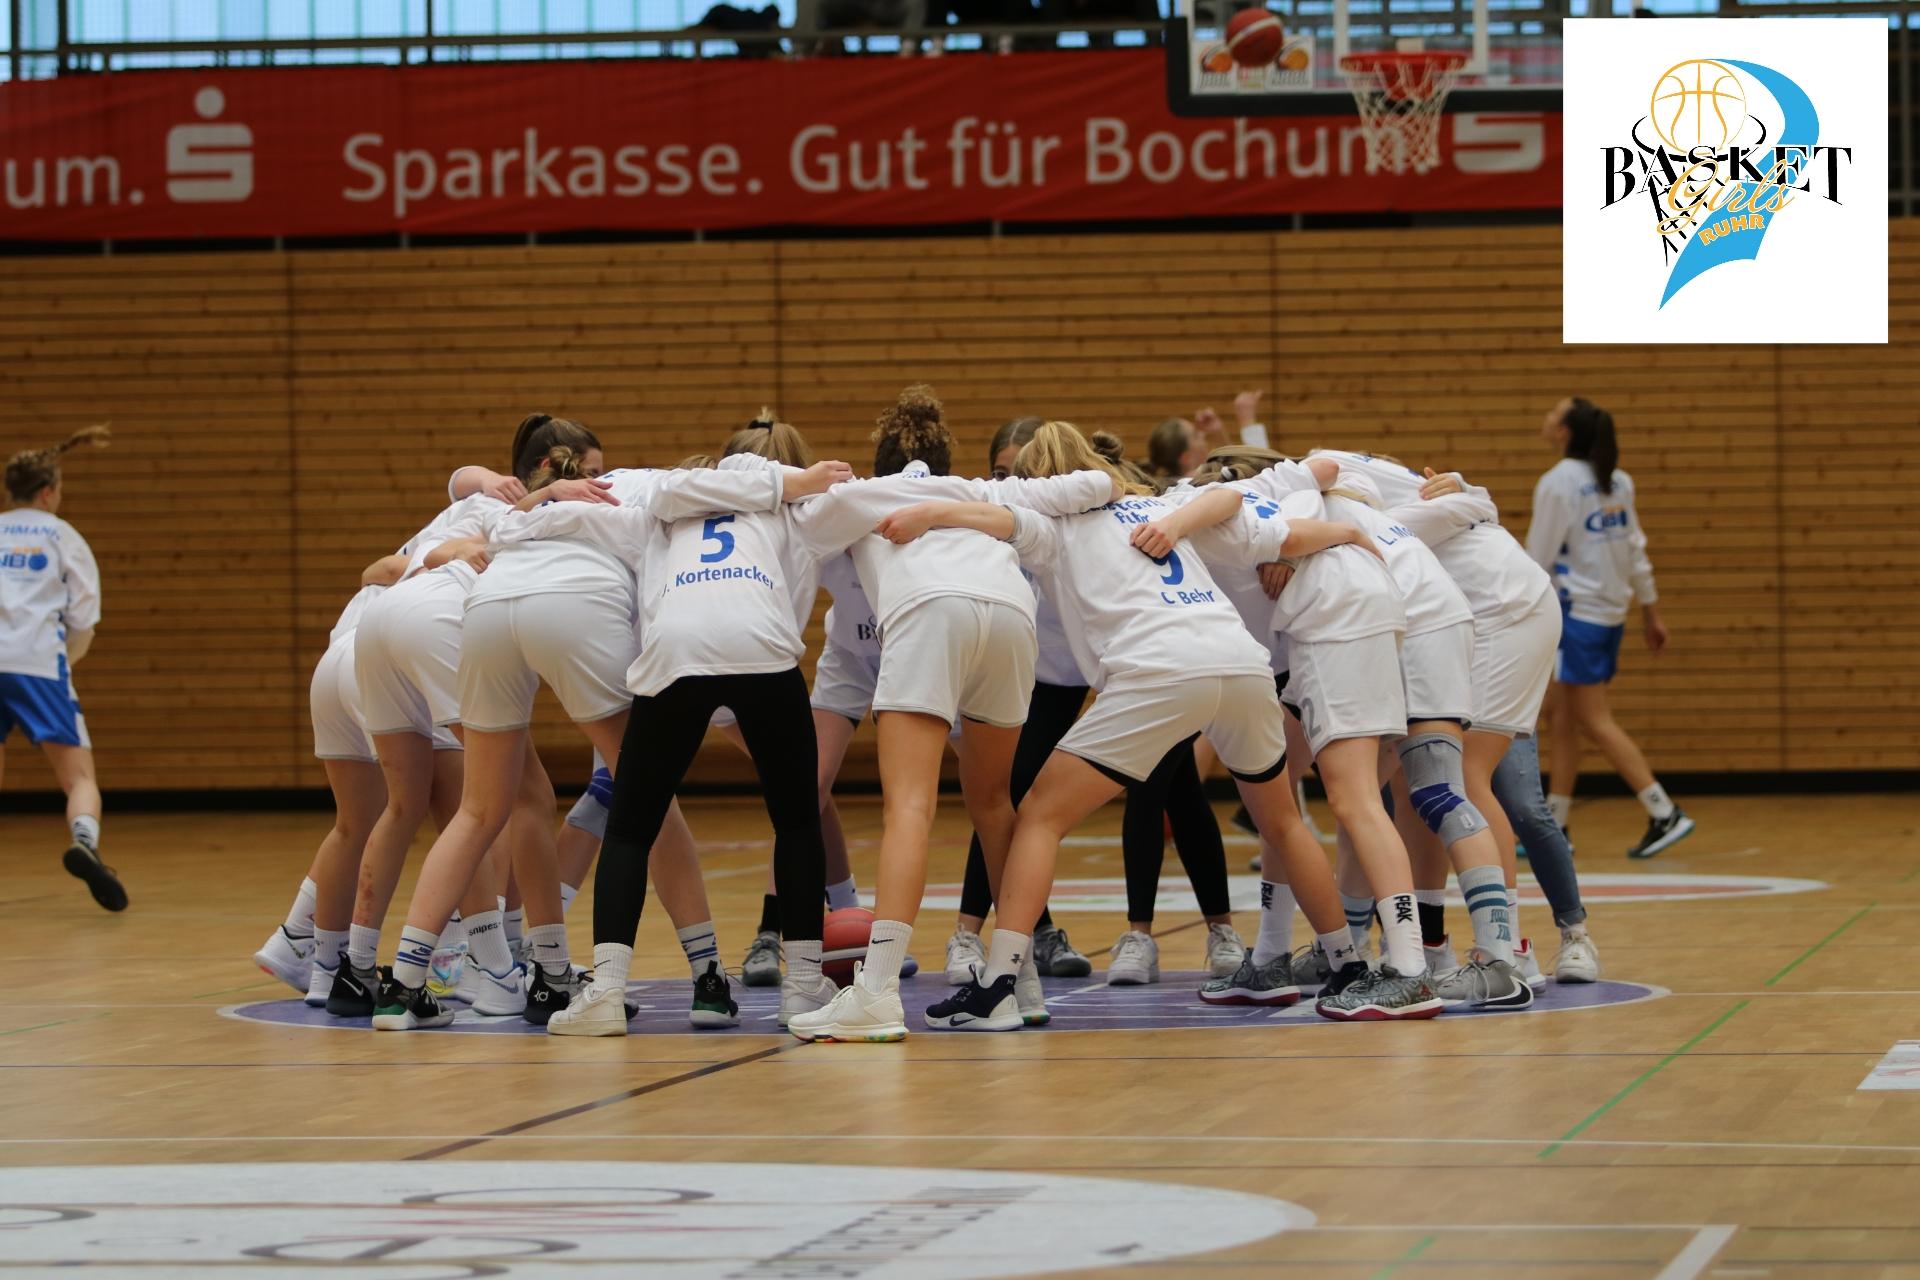 Der DBB beendet die WNBL-Jugendbundesligasaison